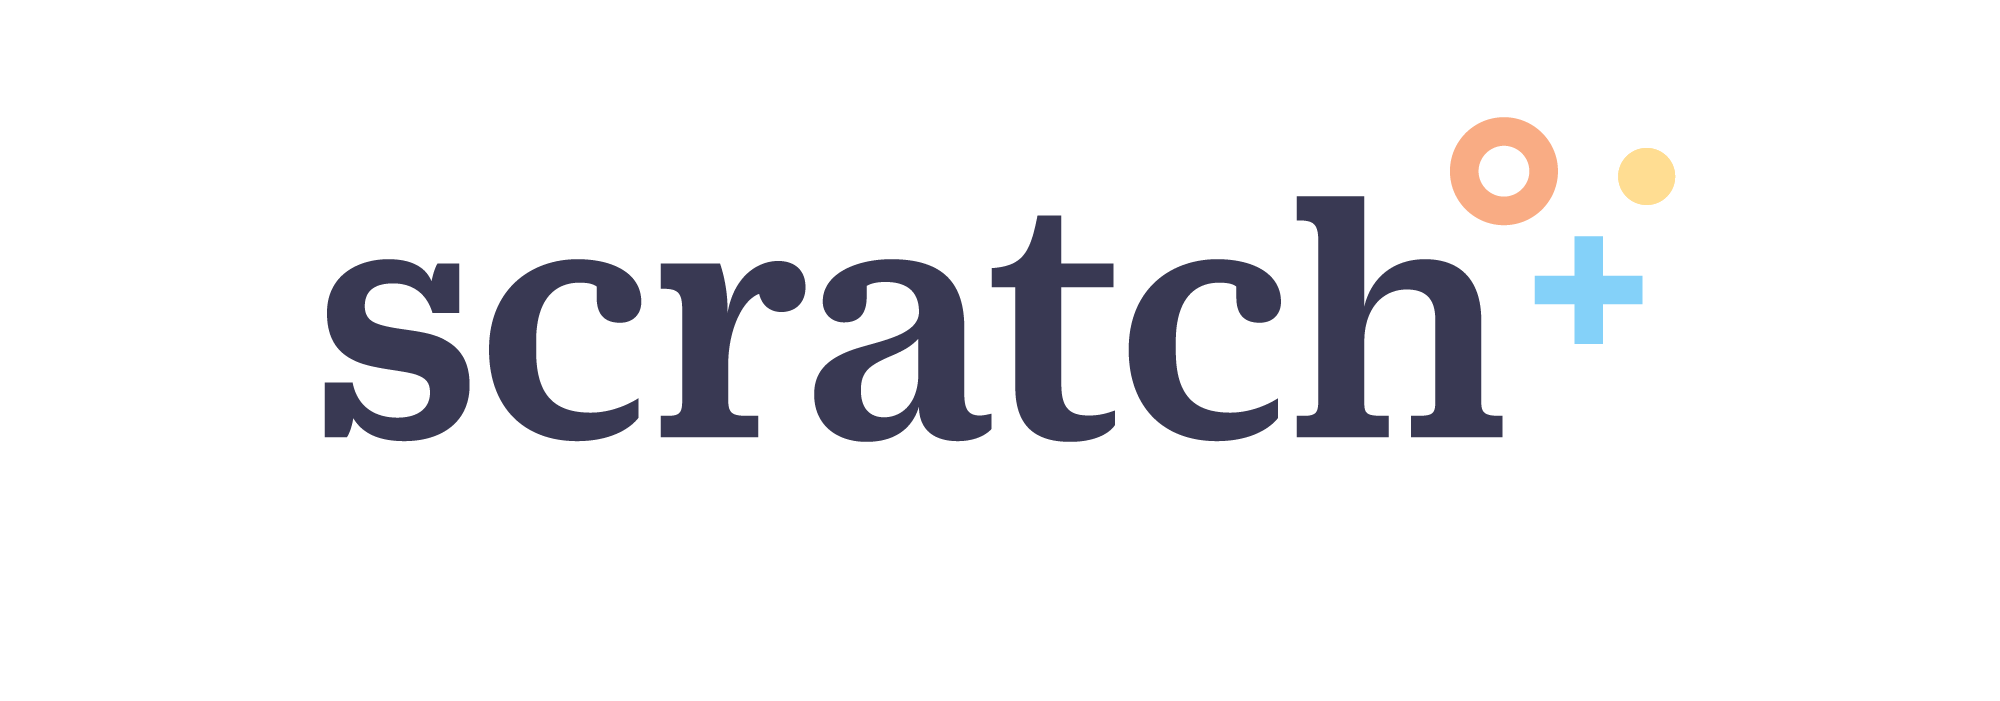 scratch-09.png